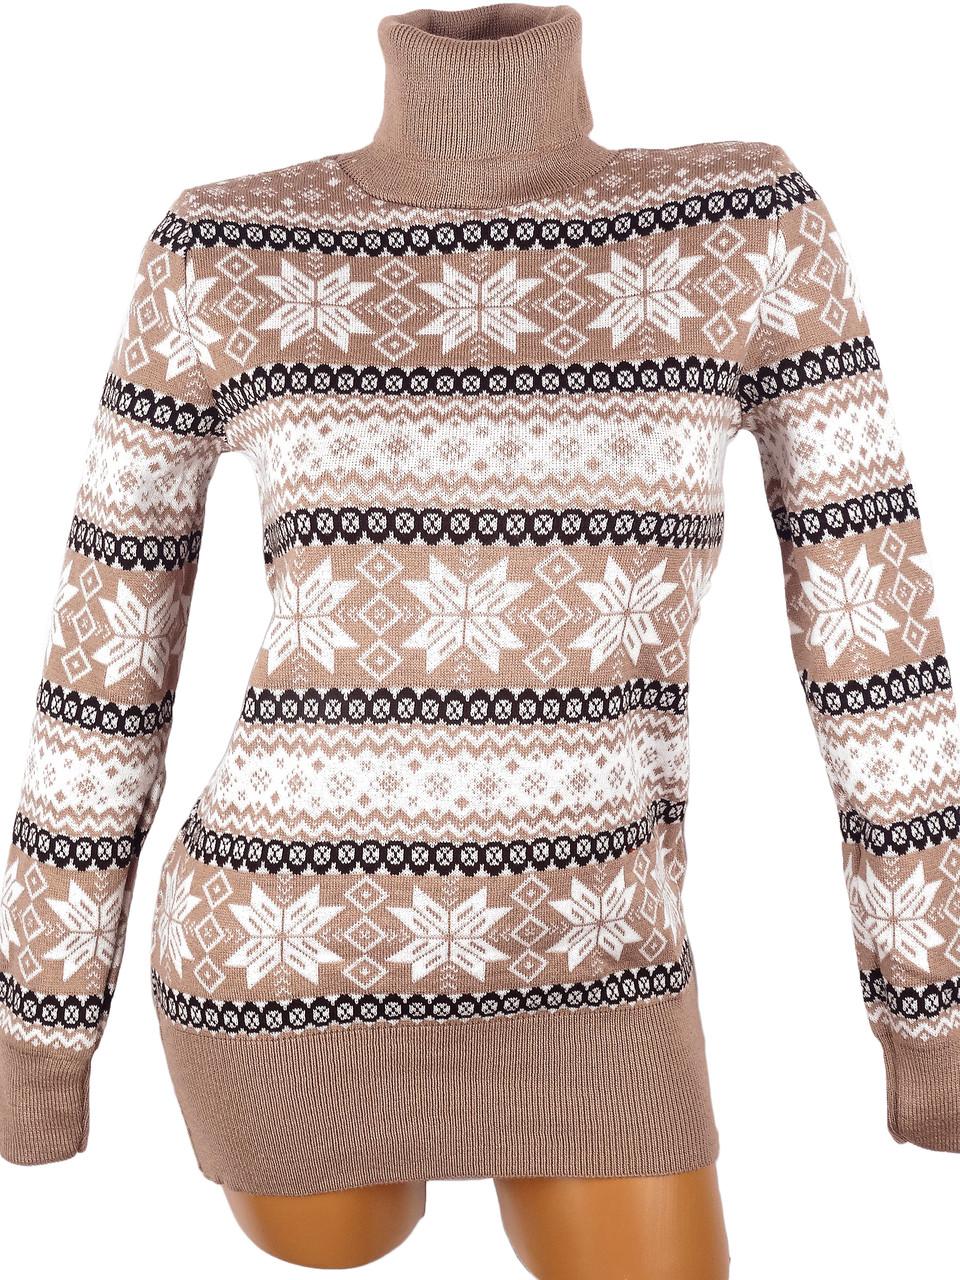 Красный свитер со снежинками 44-46 (в расцветках)